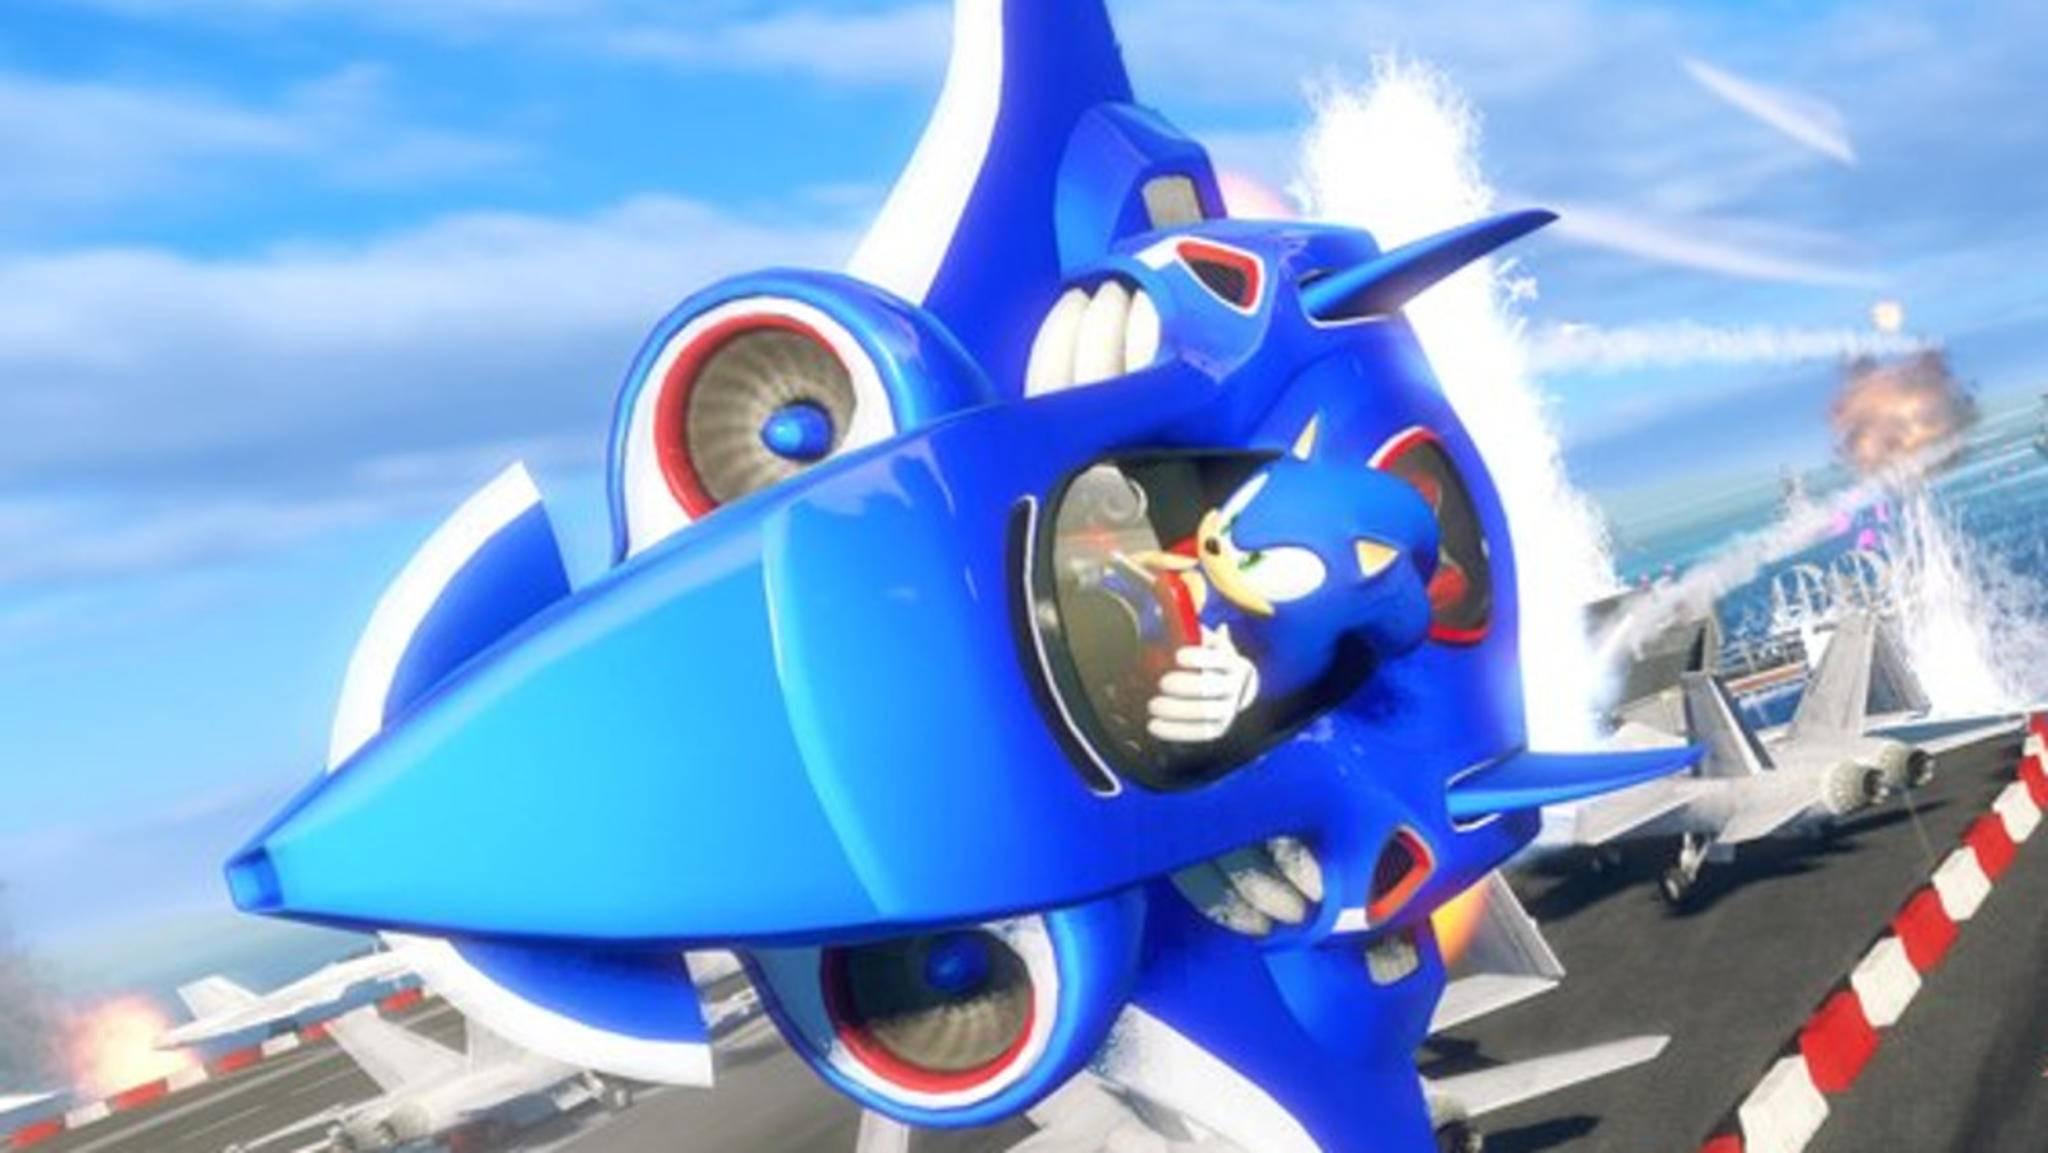 Sonic könnte bald in einem neuen Racer durchstarten – wenn entsprechende Gerüchte stimmen.